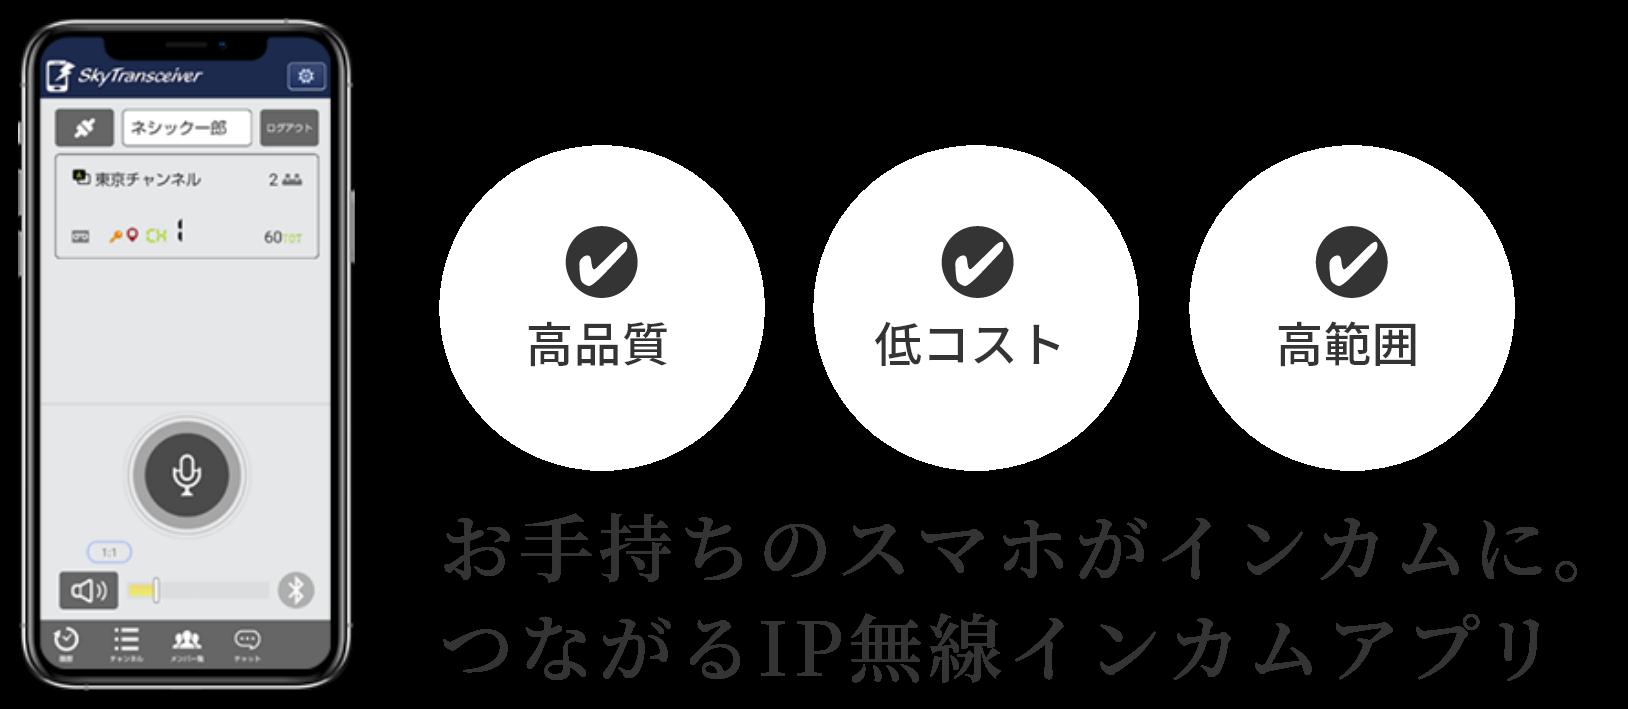 「高品質」「低コスト」「広範囲」お手持ちのスマホがインカムに。つながるIP無線インカムアプリ